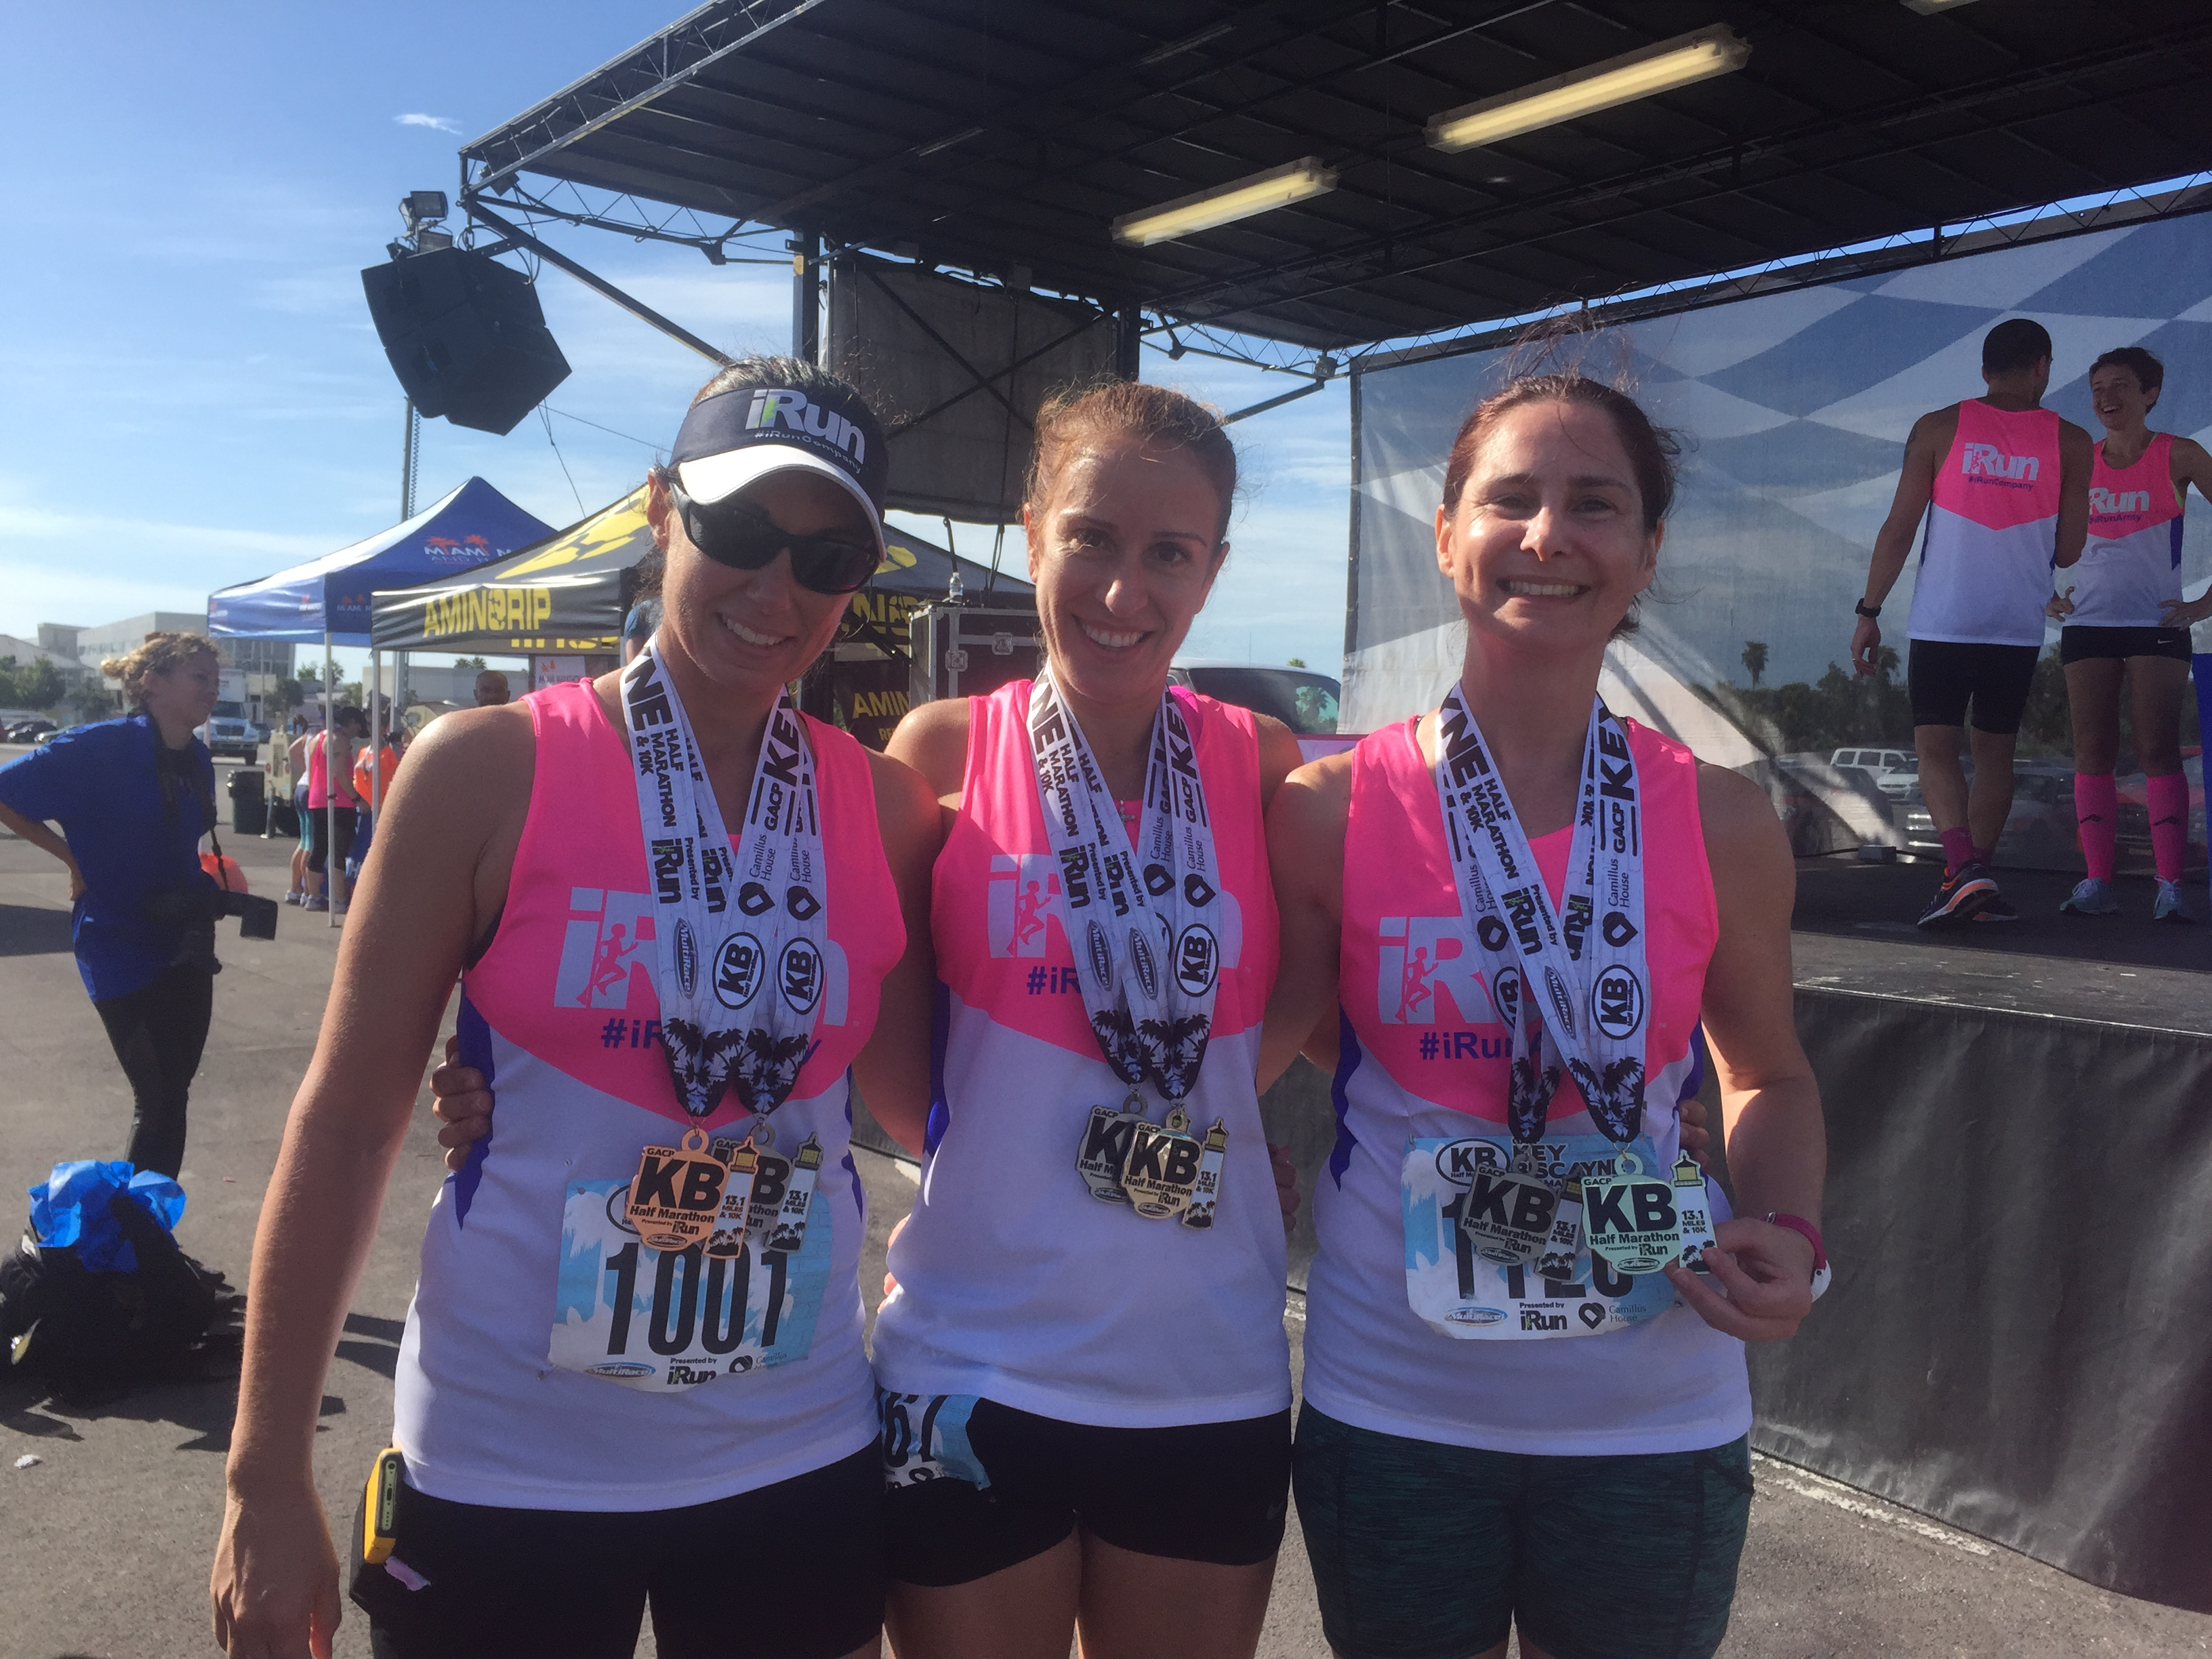 Key Biscayne Half Marathon